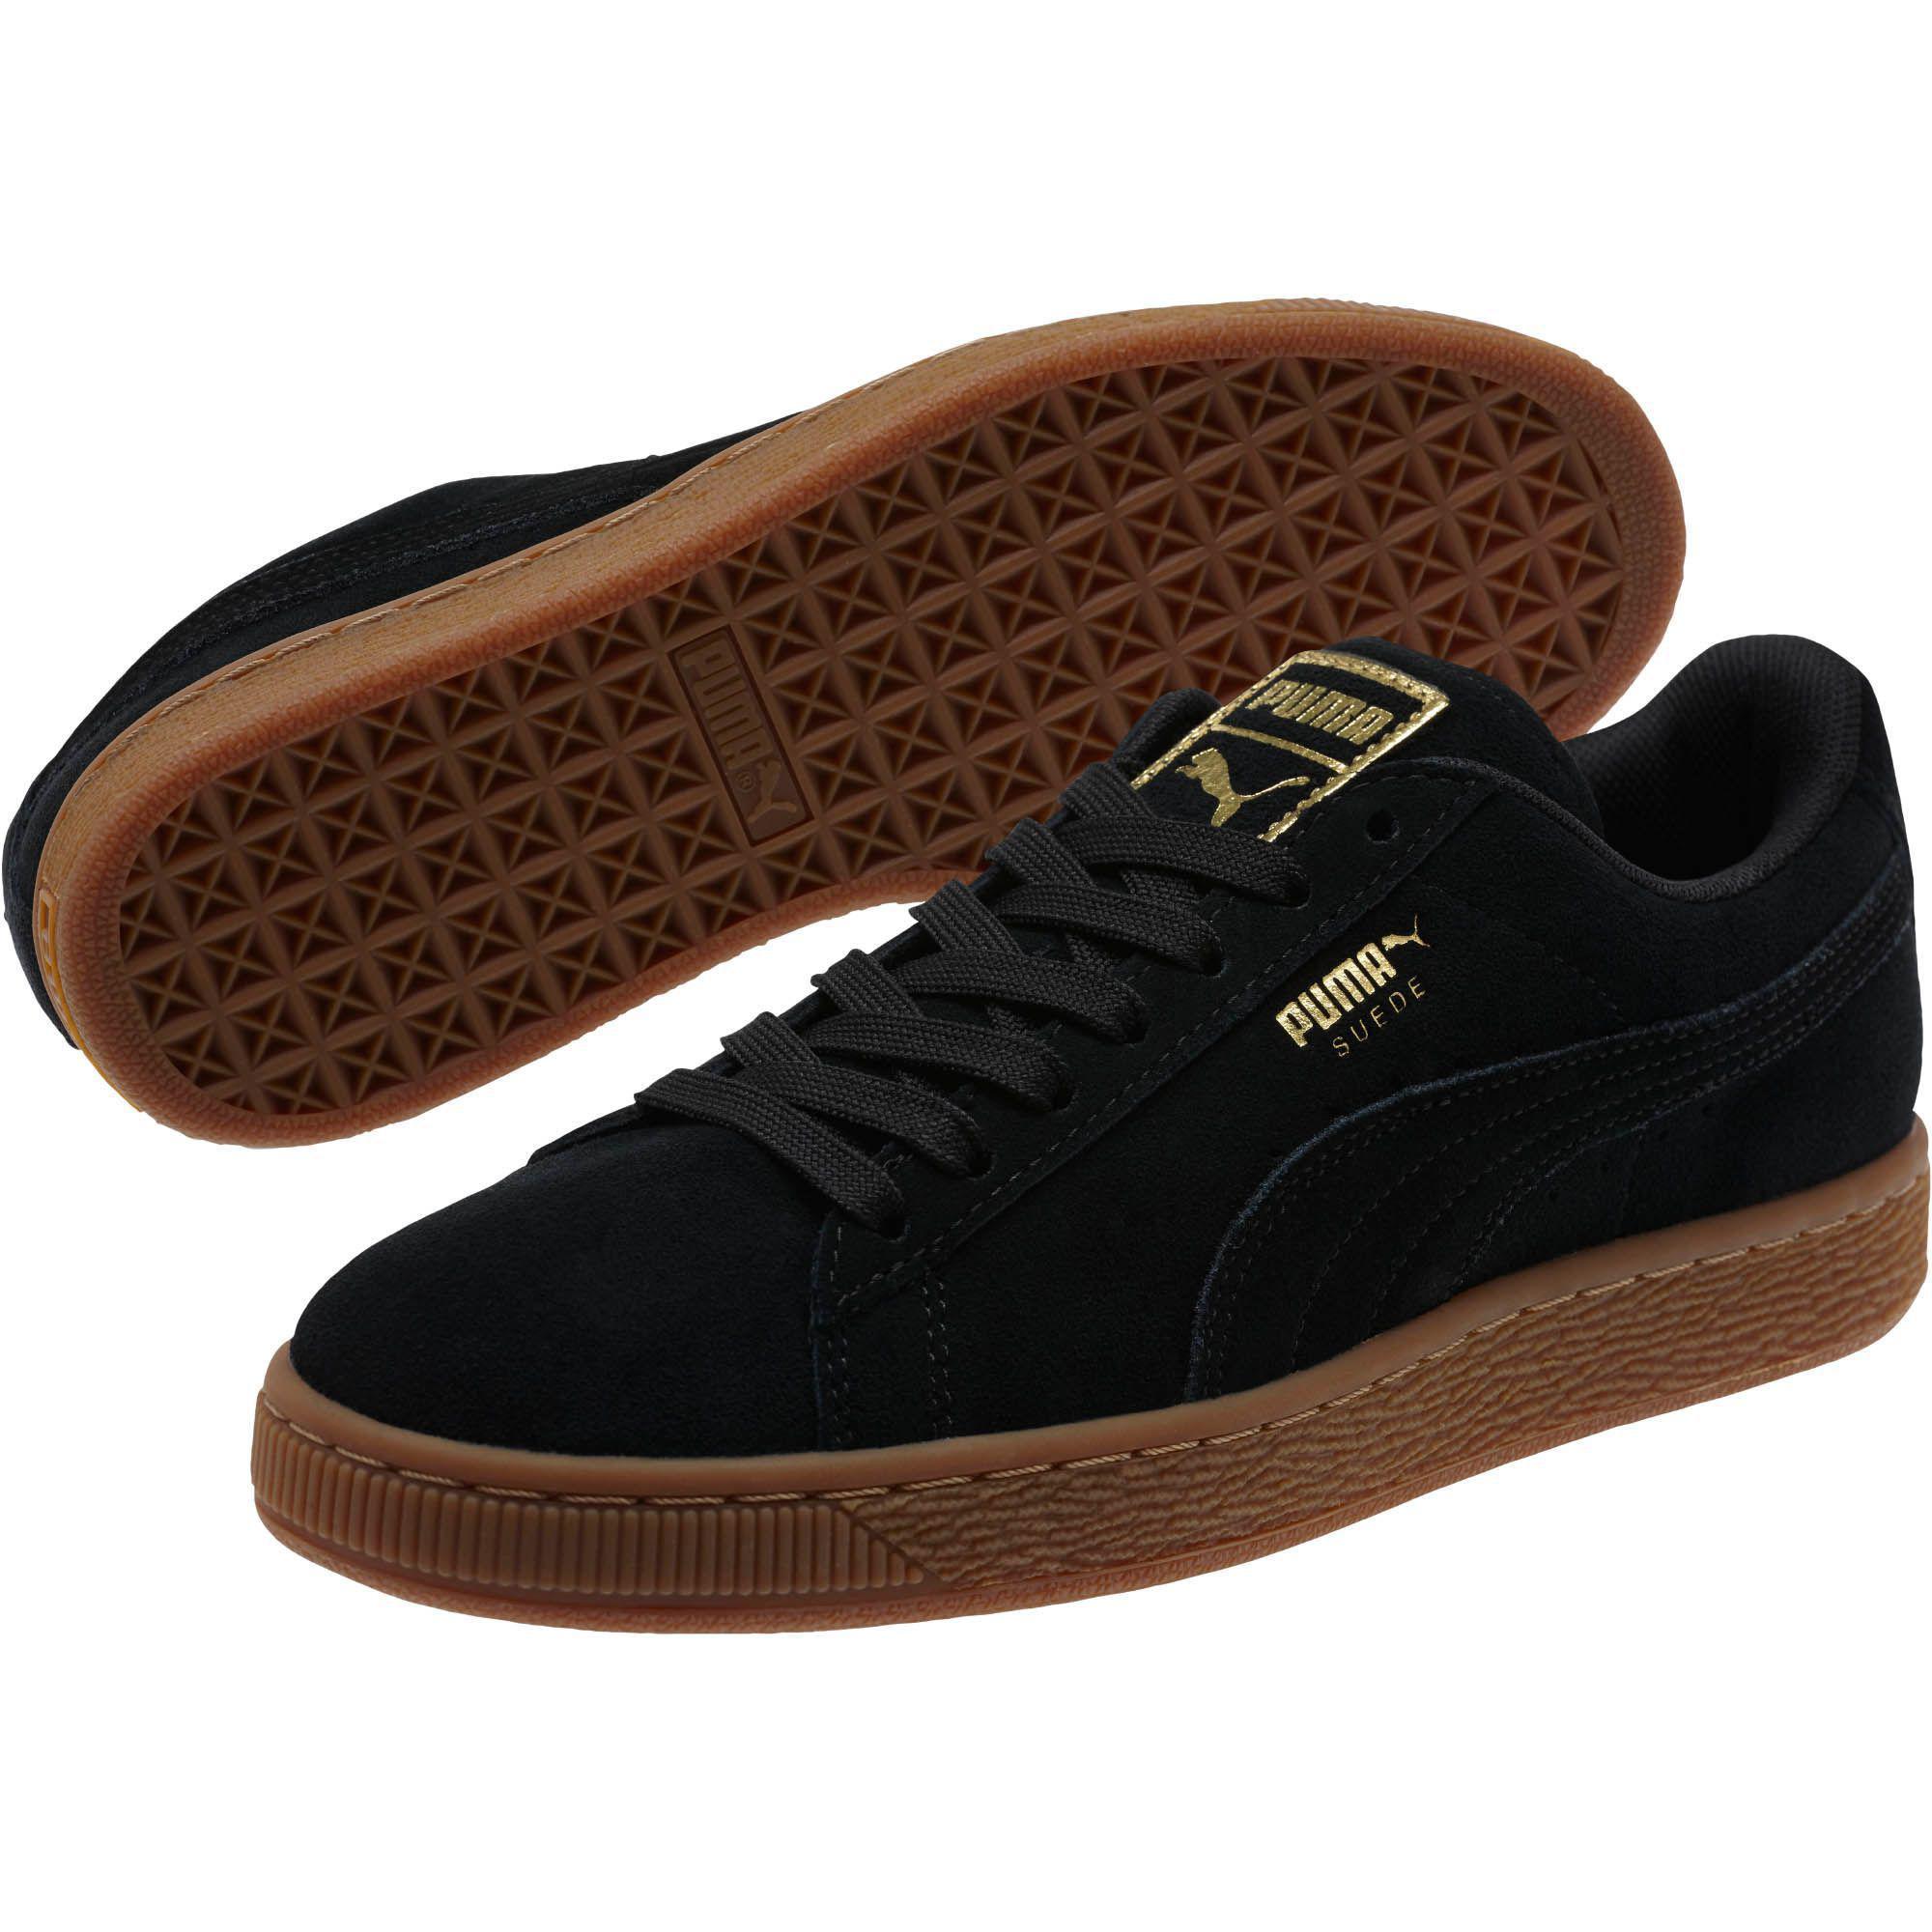 Lyst - PUMA Suede Classic Gold Women s Sneakers in Black ba2a6daa64